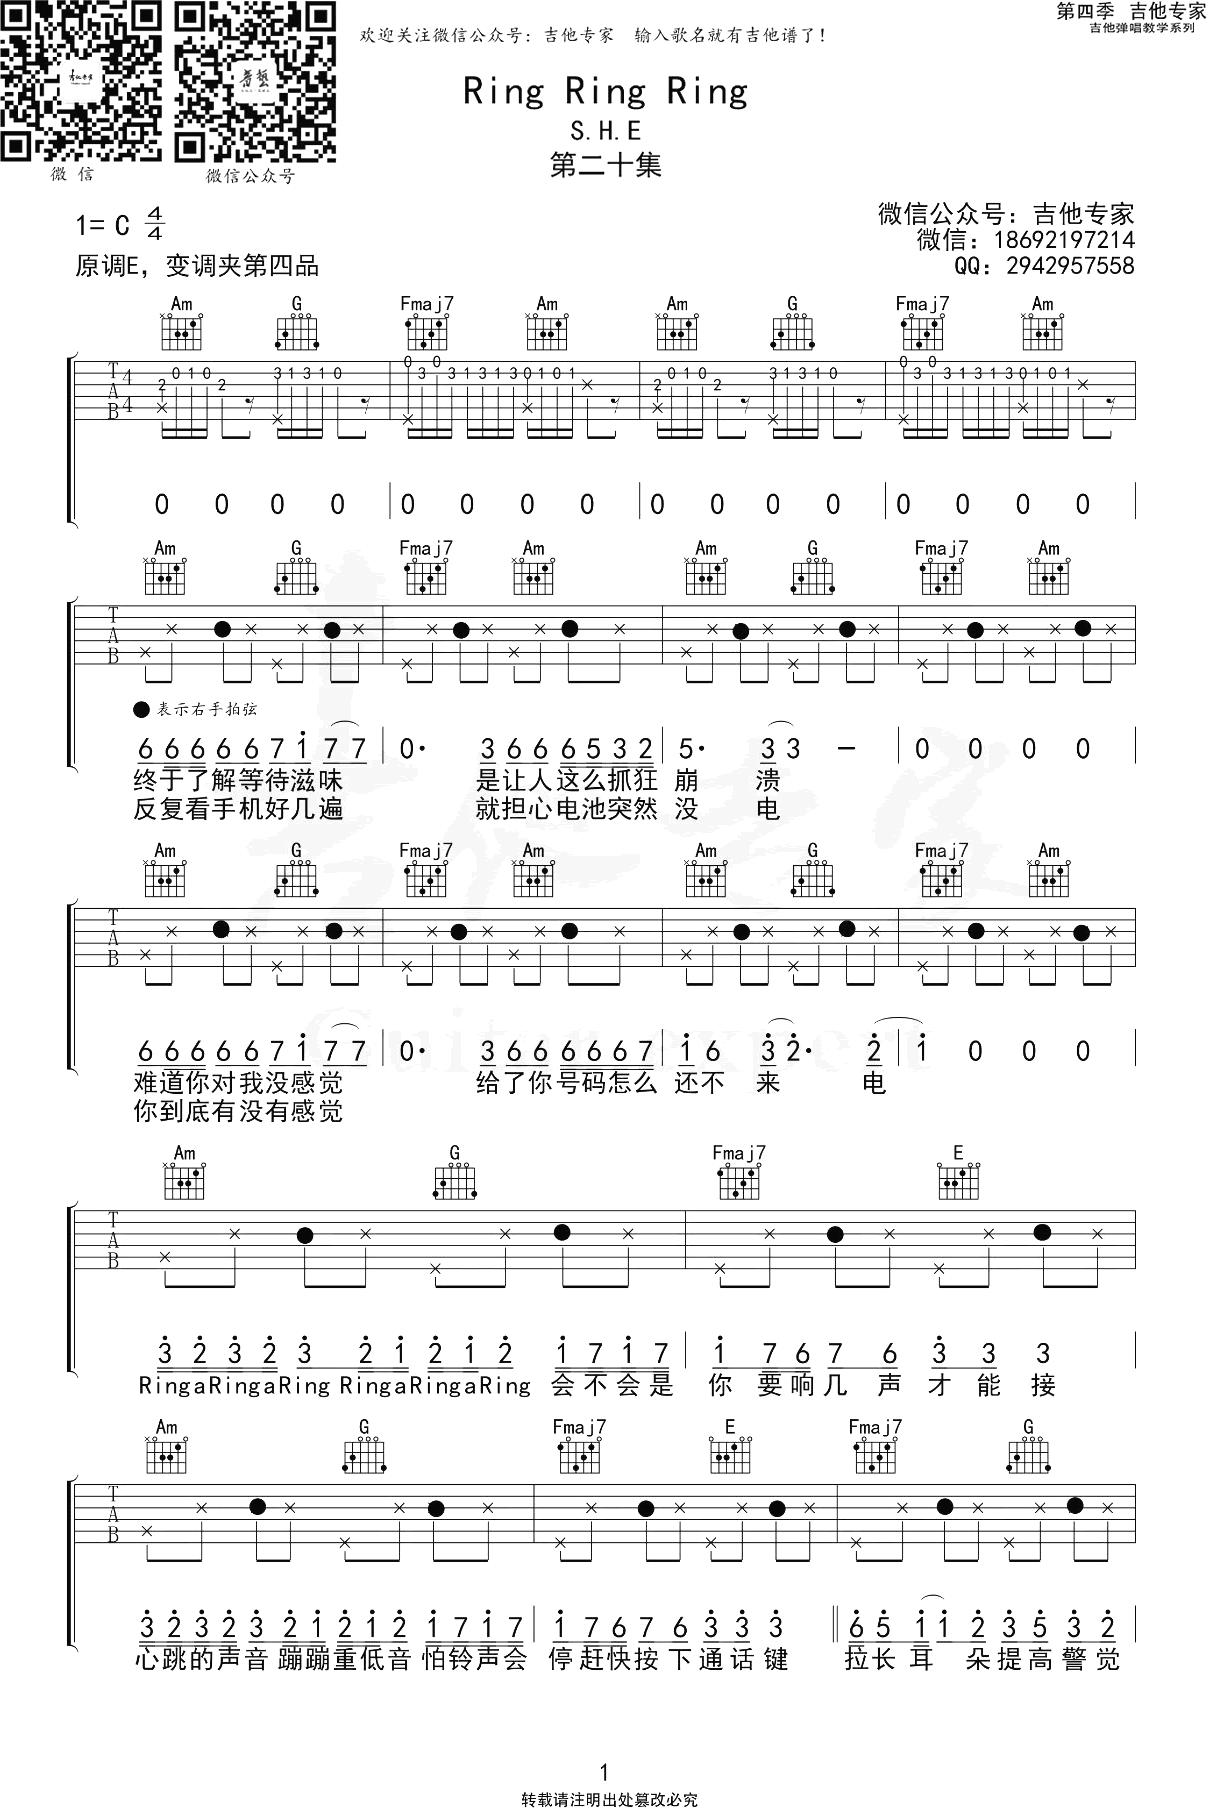 《Ring Ring Ring》吉他谱-S.H.E-1